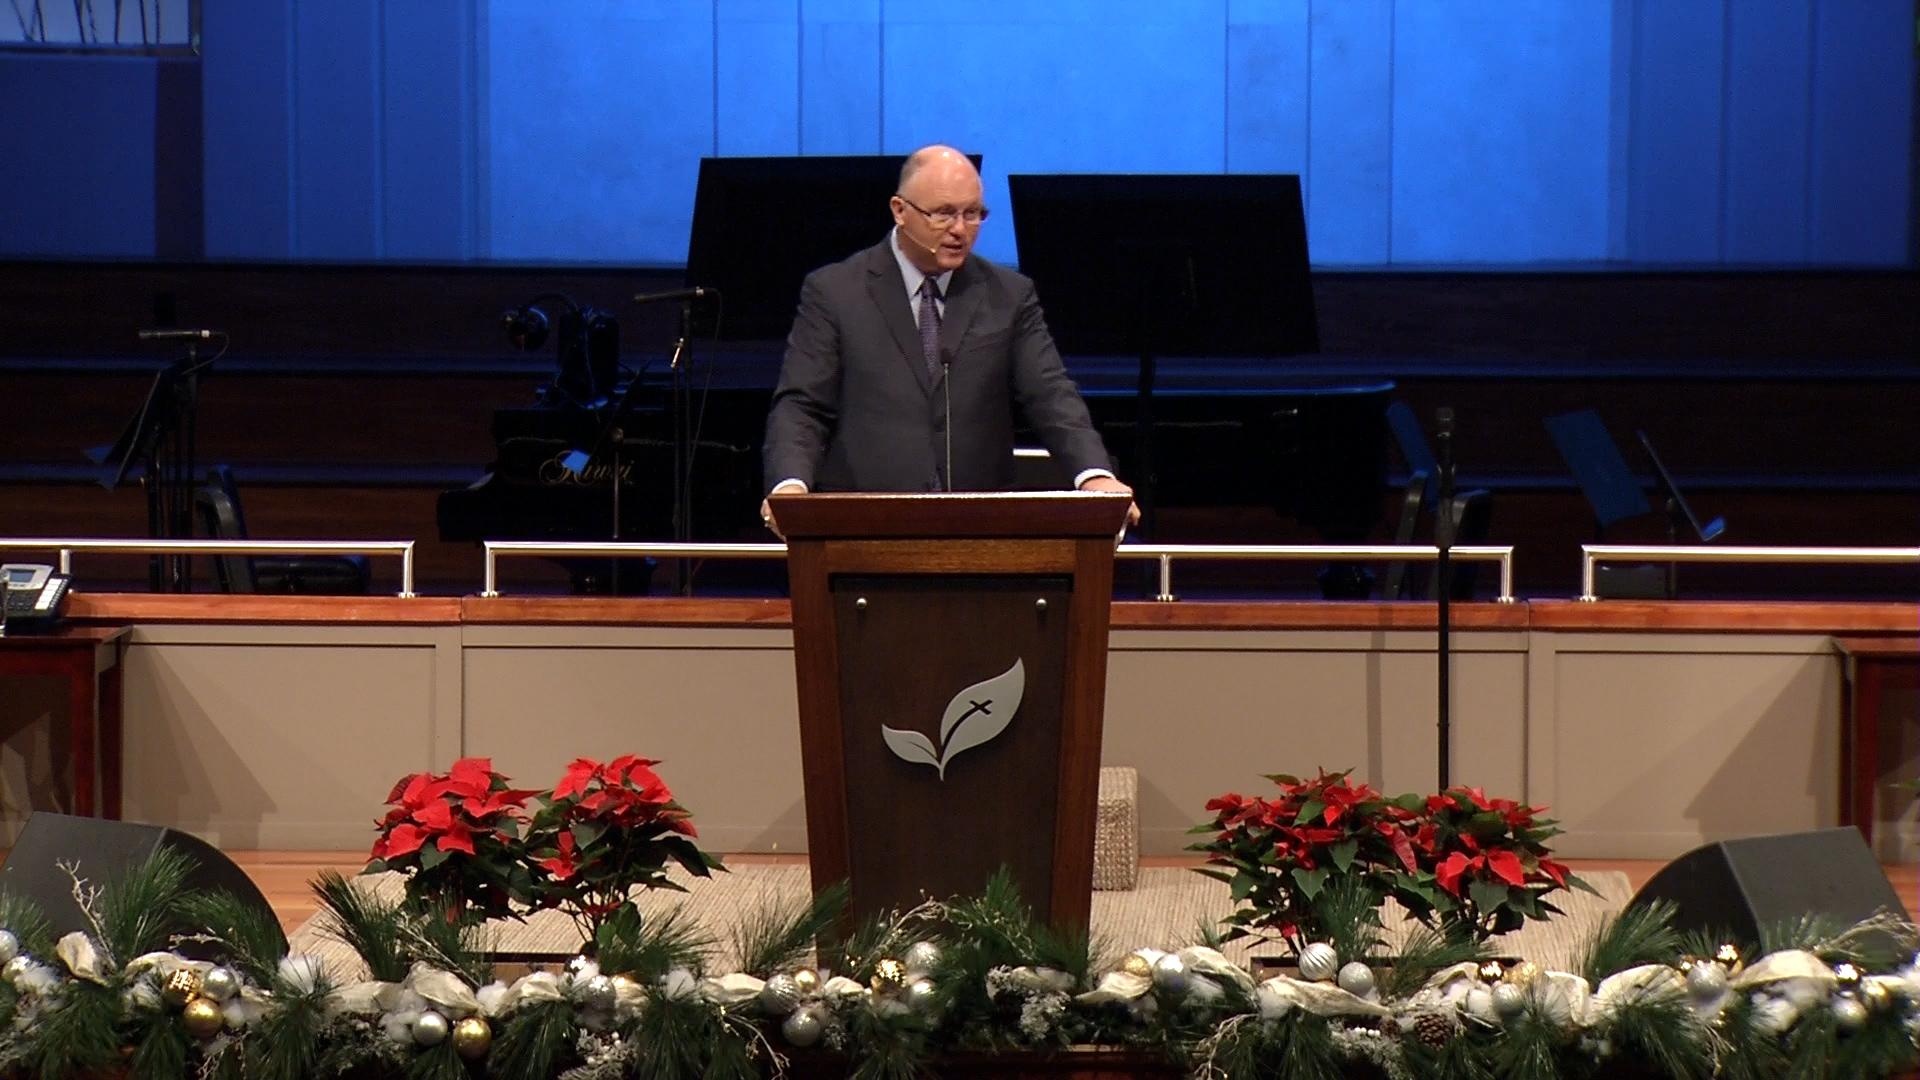 Pastor Paul Chappell: The Arrival of God Incarnate